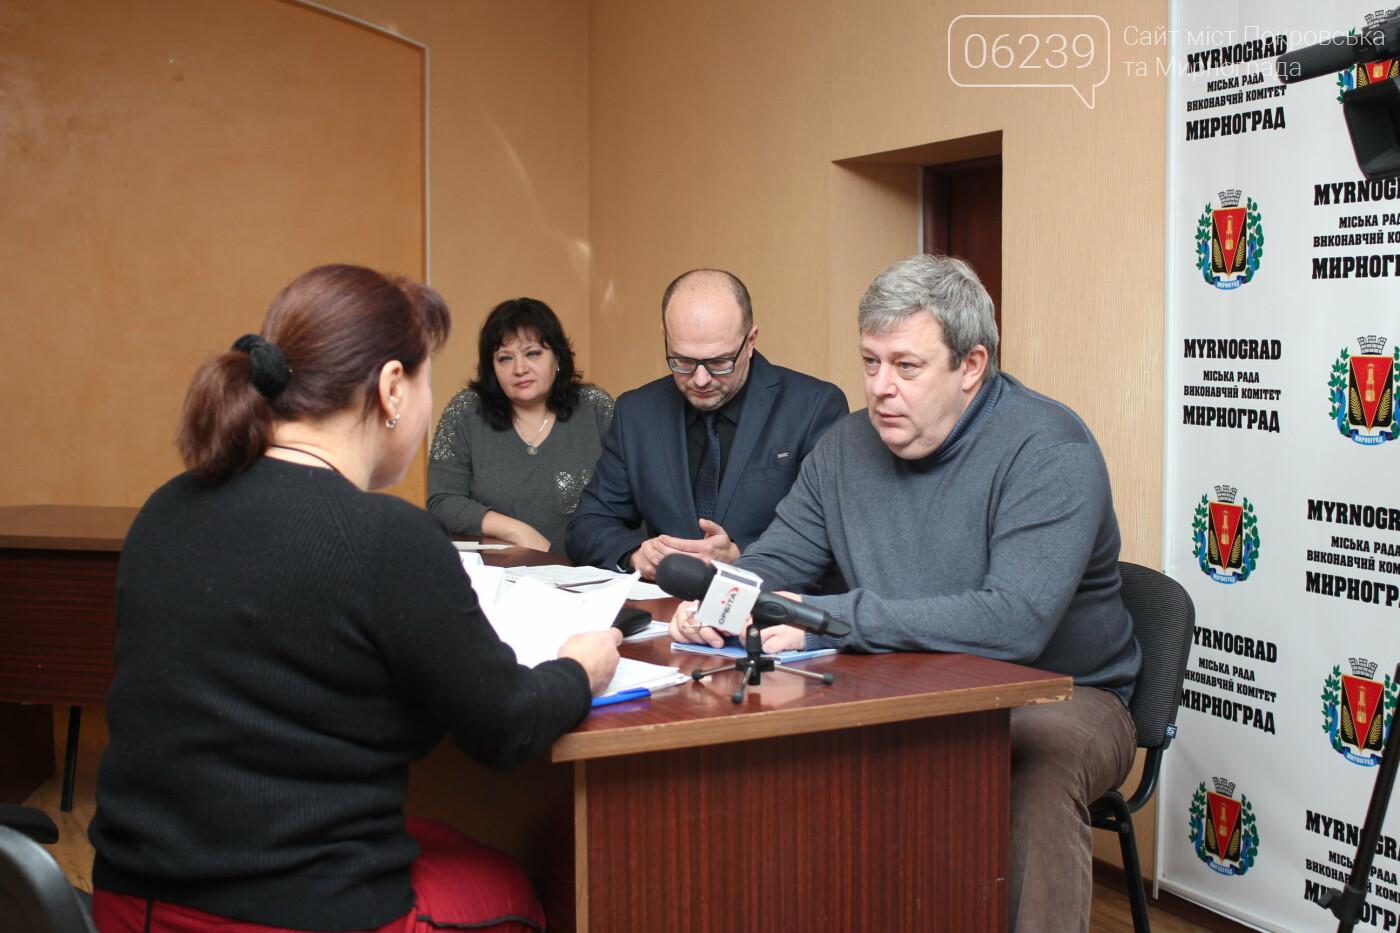 Первый заместитель главы Донецкой ОГА Игорь Мороз провел личный прием граждан в Мирнограде, фото-2